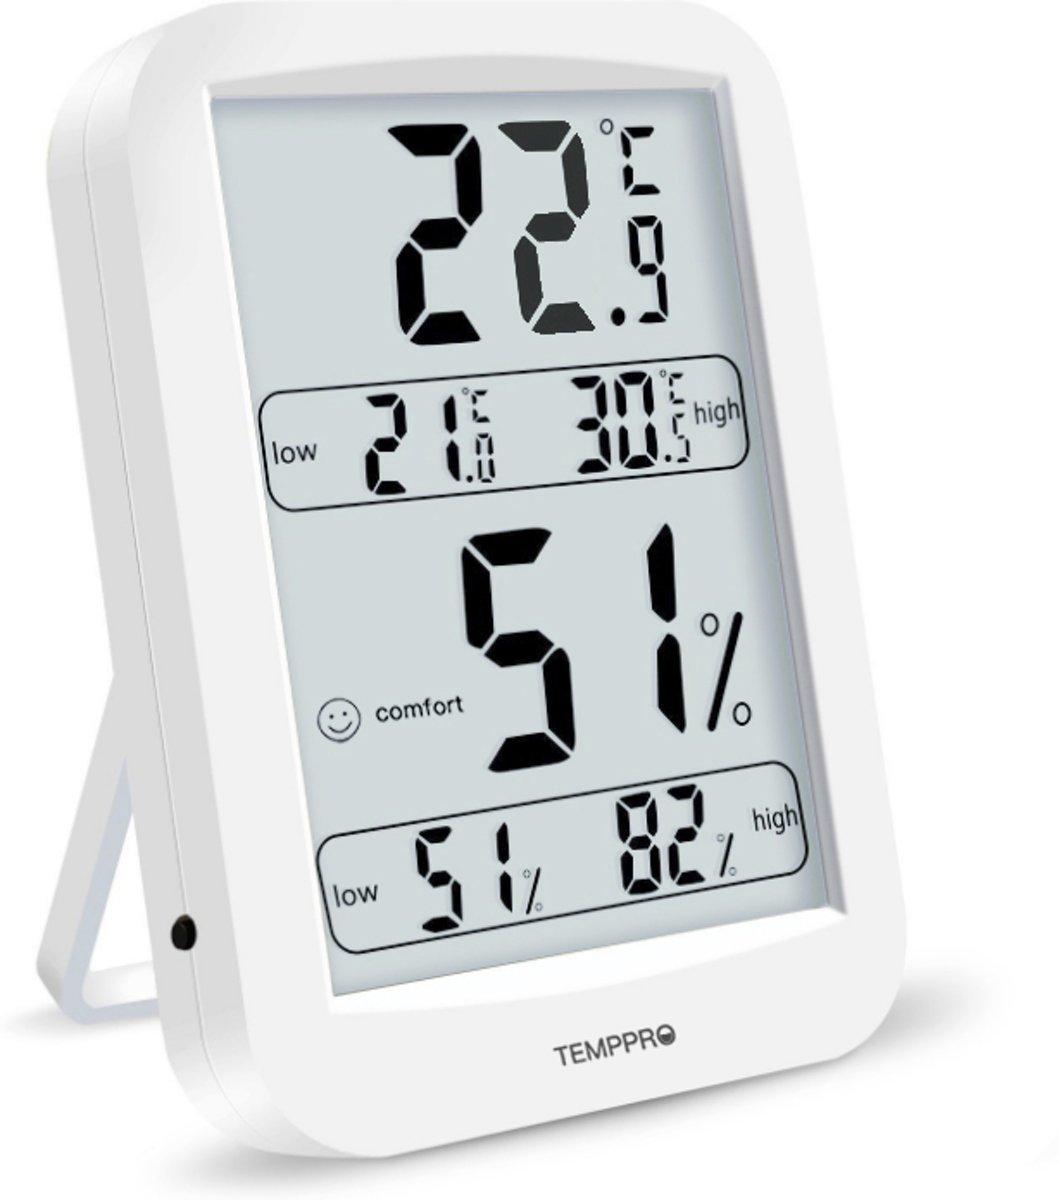 Digitale thermometer en hygrometer met hoge nauwkeurigheid - Vernieuwen van 10 seconden - Comfortindicator - Gegevensgeschiedenis binnen 24 uur -Wit kopen